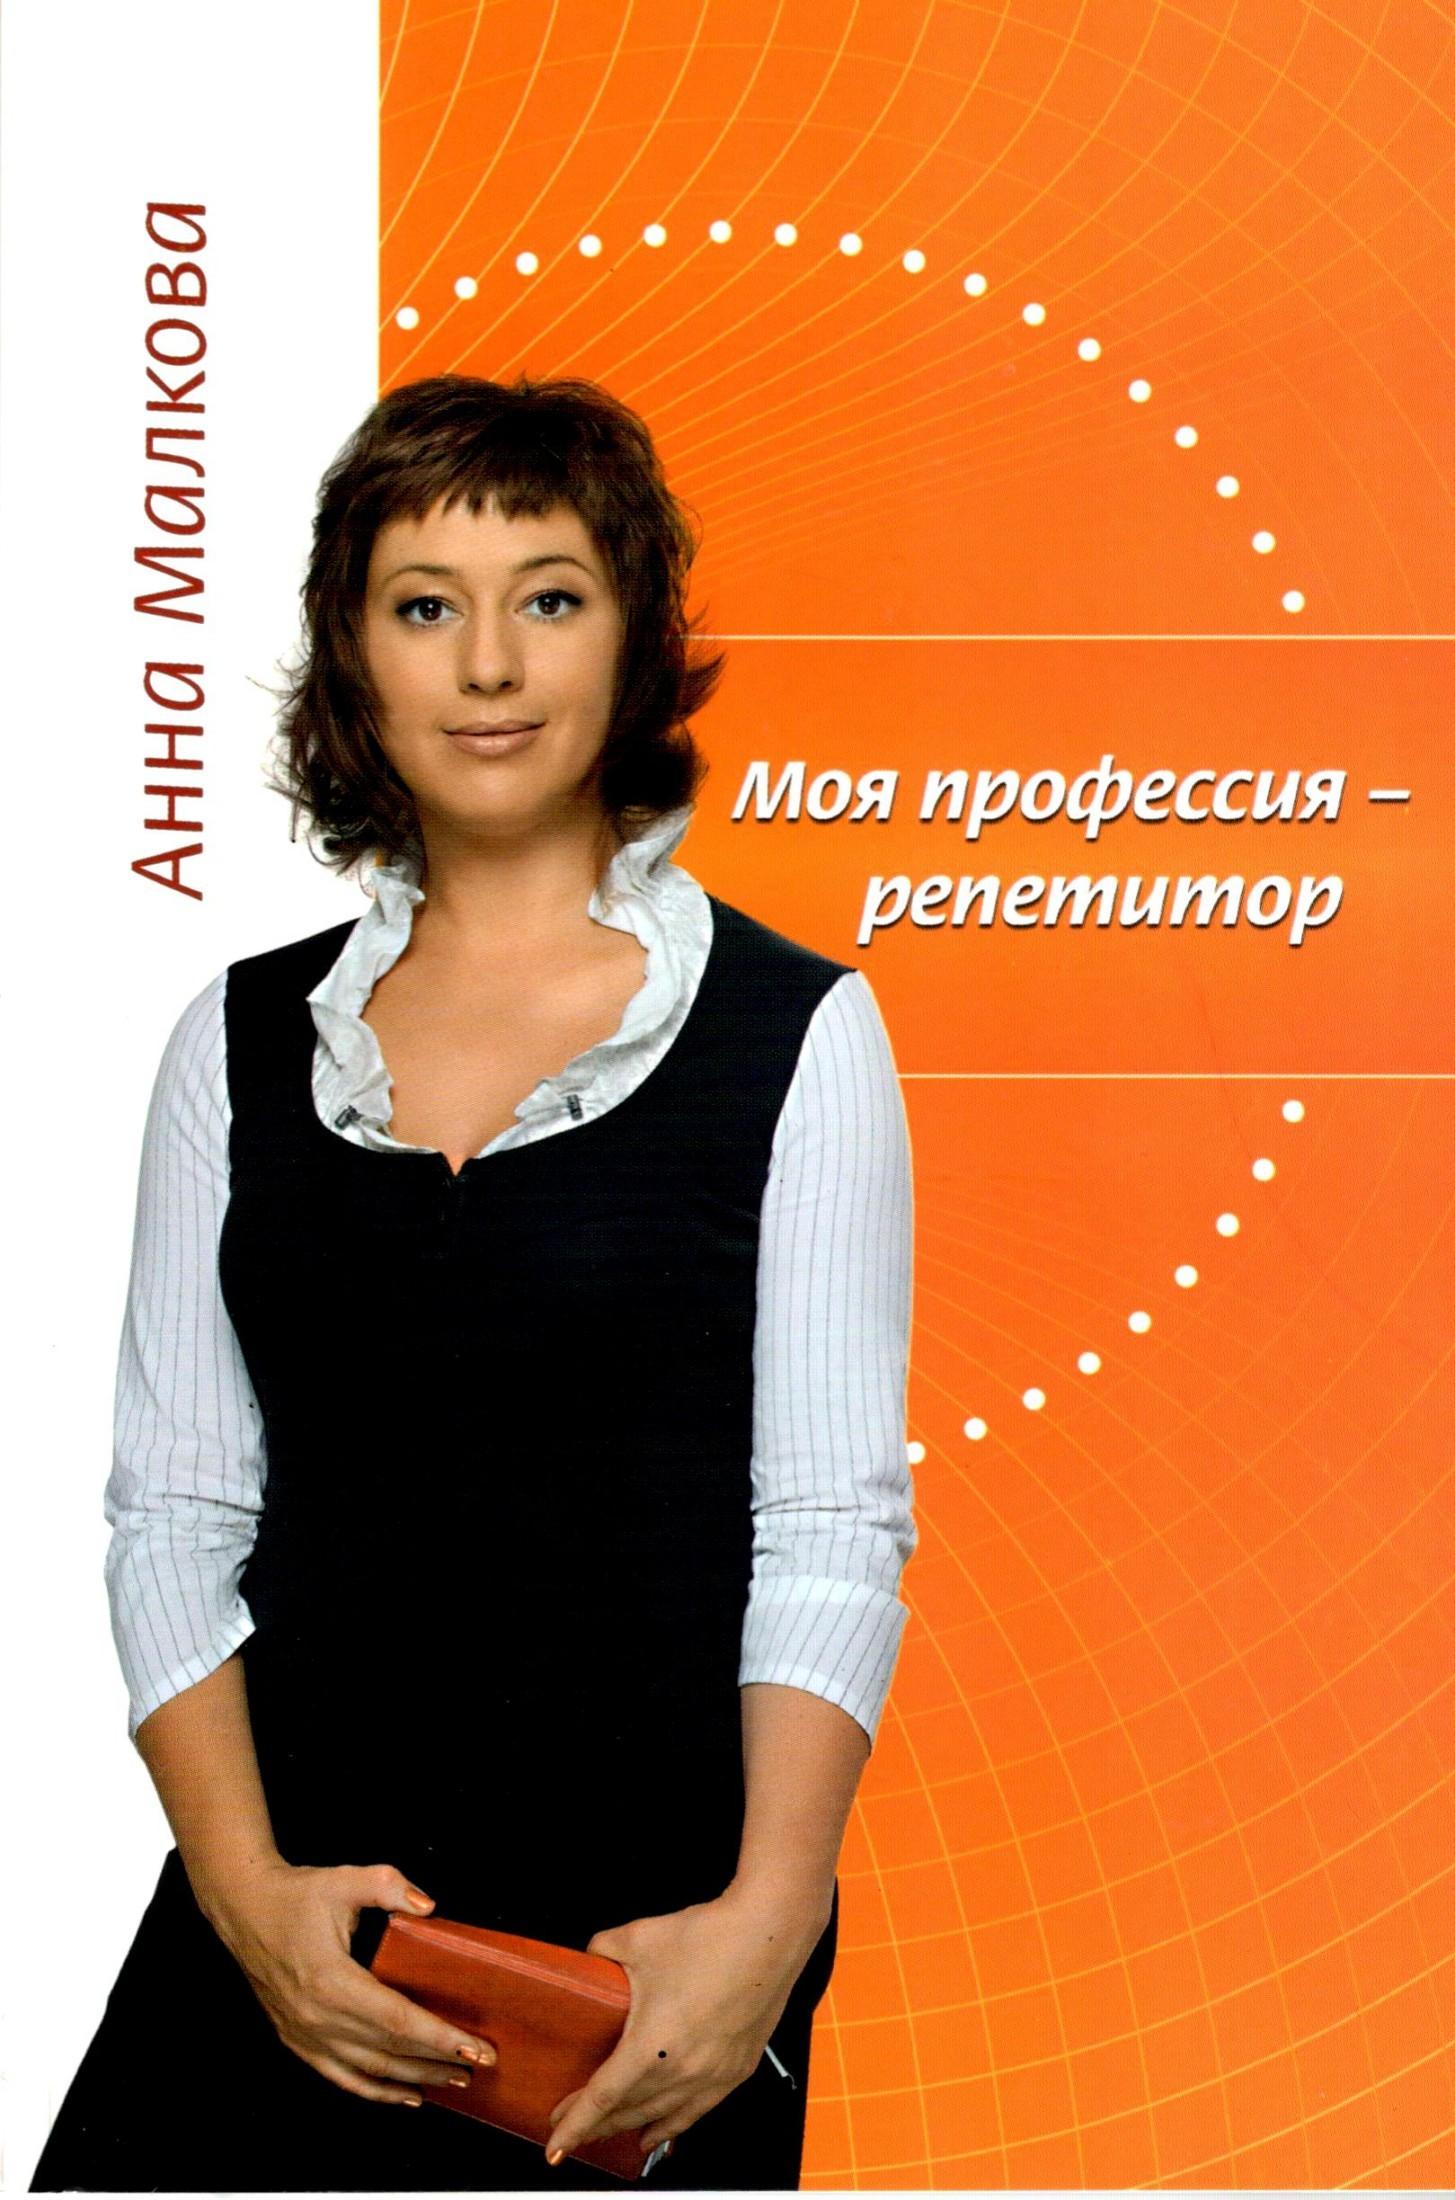 Анна Георгиевна Малкова